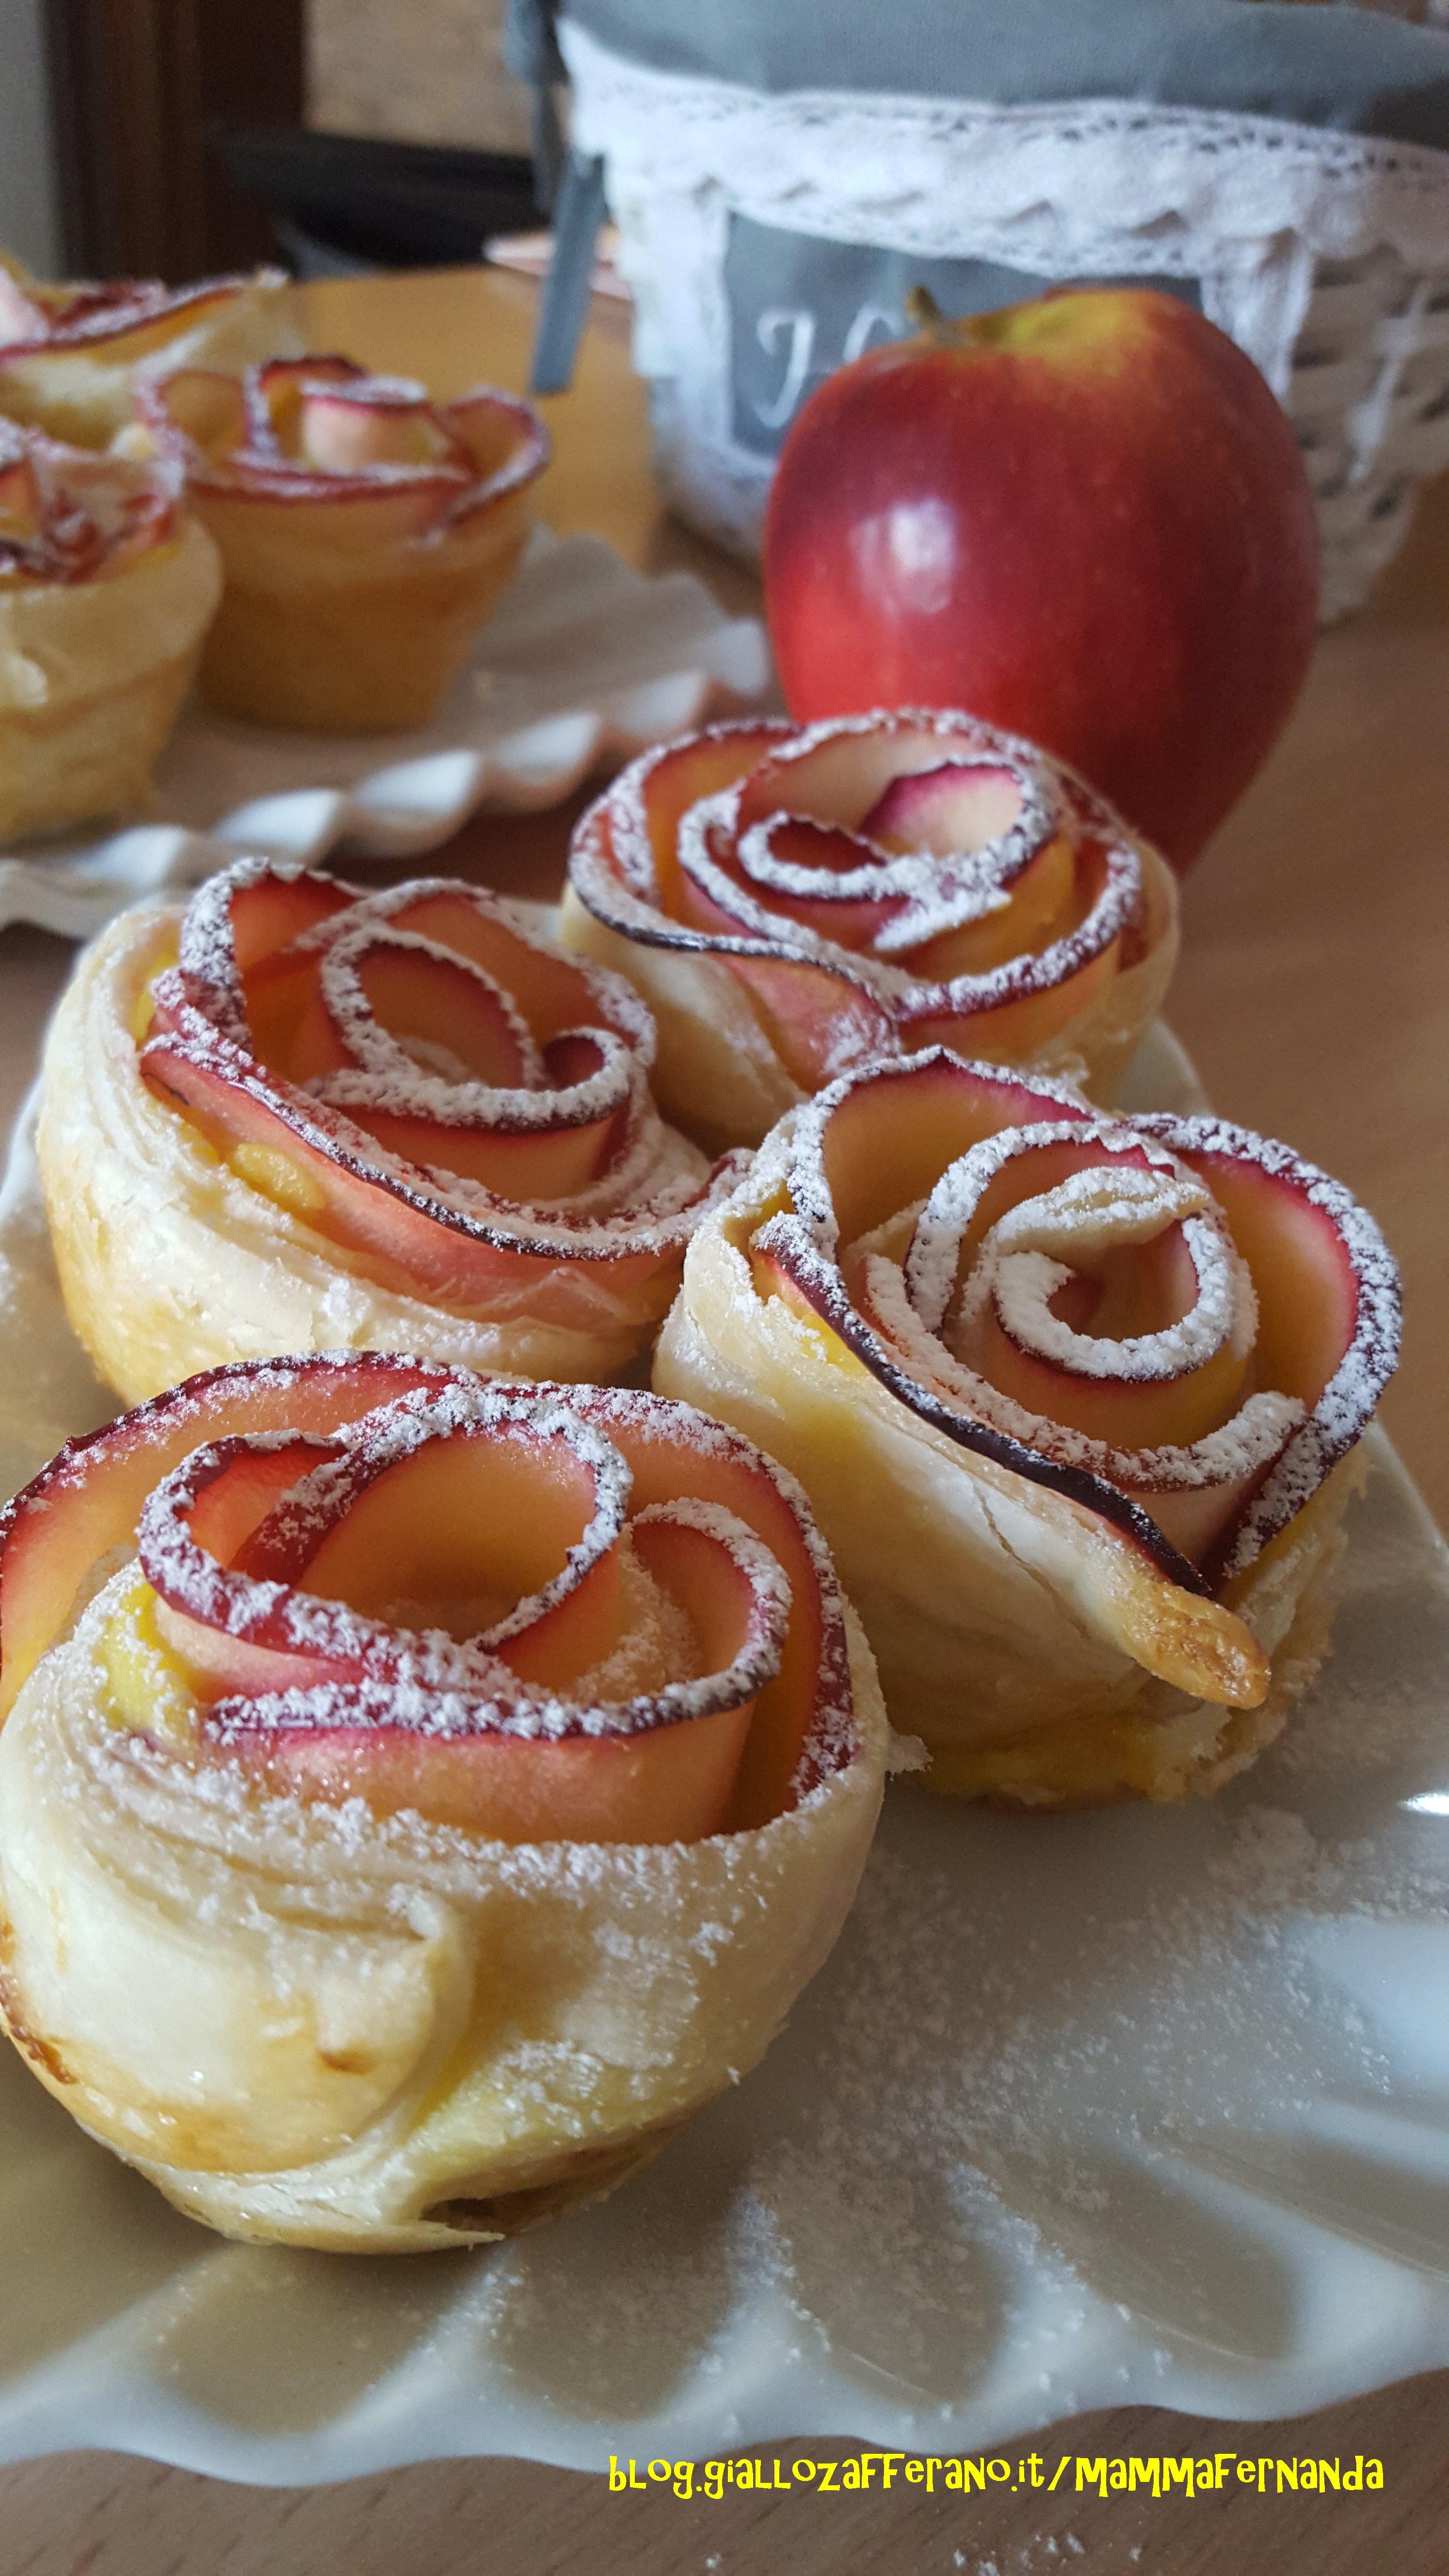 Rose di mele, pasta sfoglia e crema | Donnepasticcione